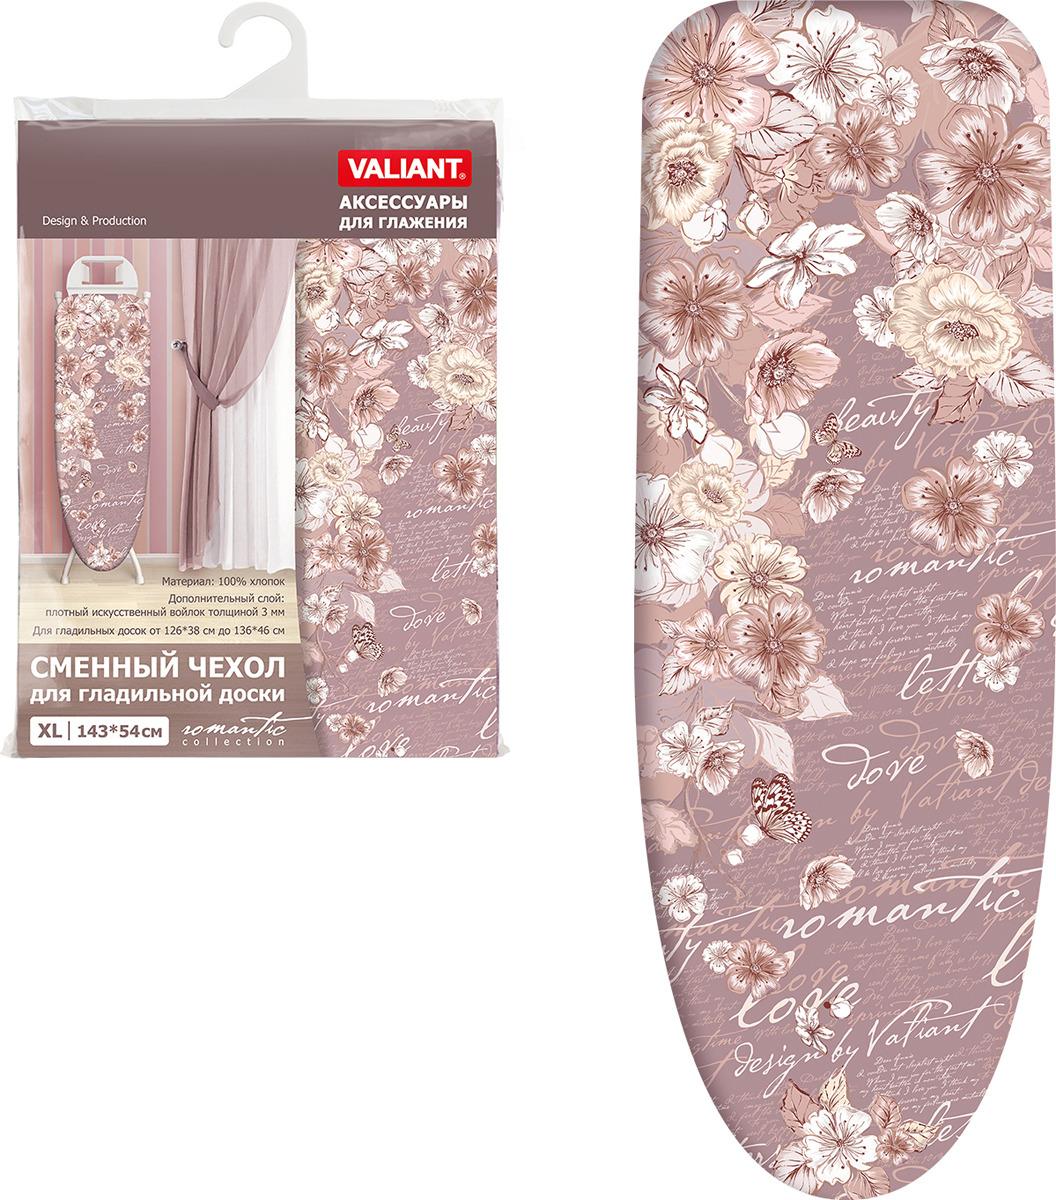 Чехол для гладильной доски Valiant Romantic, цвет: светло-коричневый, 143 х 54 см чехол для гладильной доски eva узоры цвет розовый белый 120 х 38 см